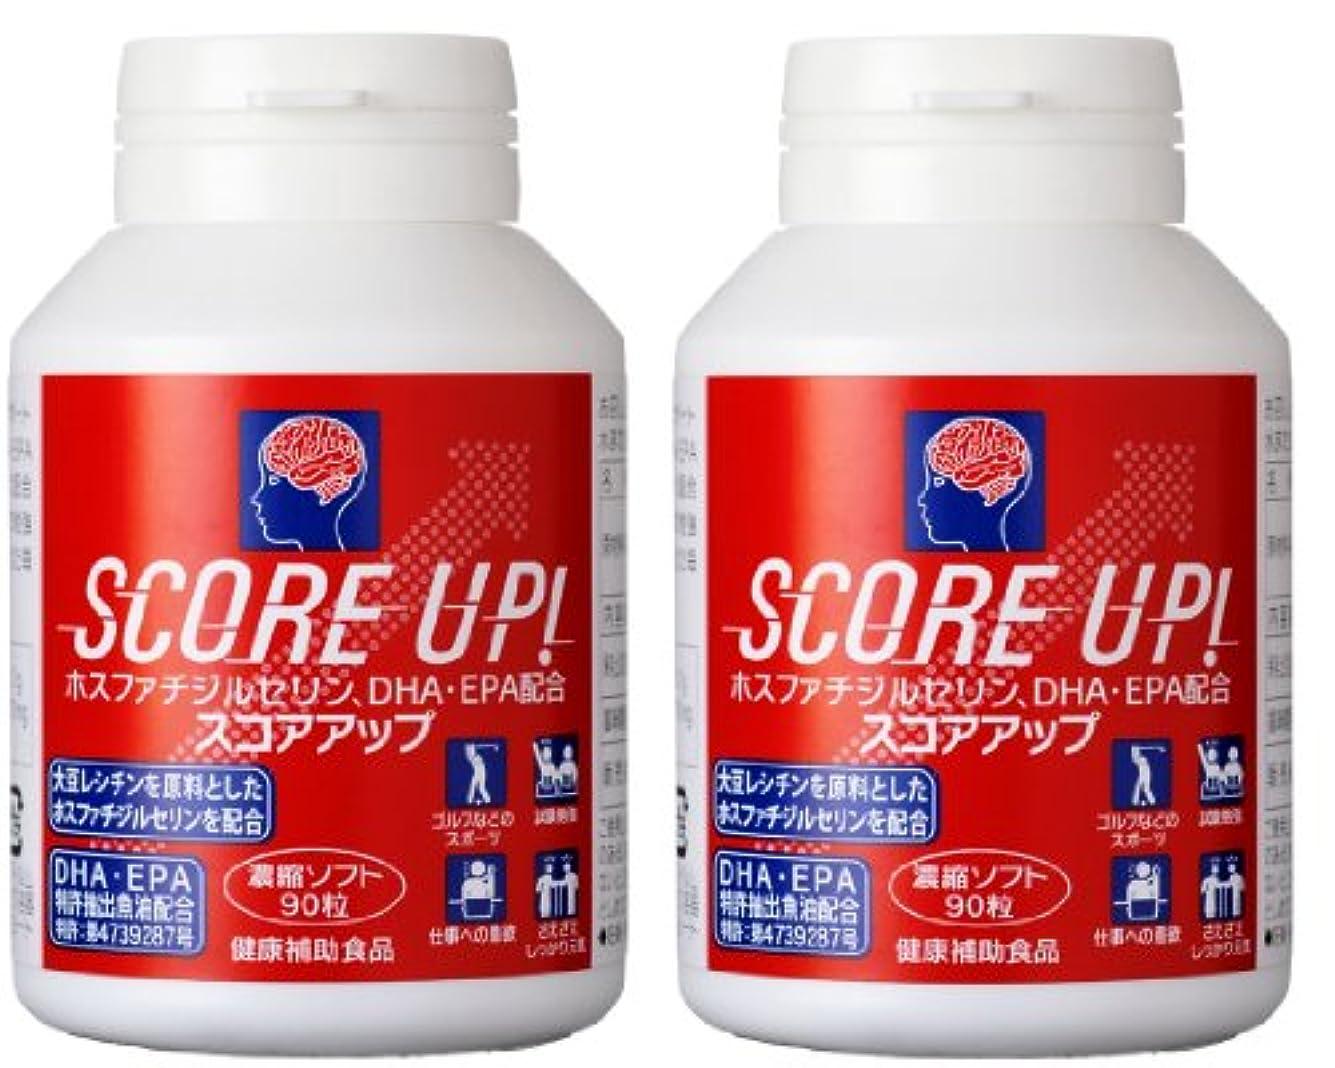 週末バーチャル倒錯健脳生活 スコアアップ ホスファチジルセリン/リパミンPS/日本製 DHA/EPA配合 2個セット